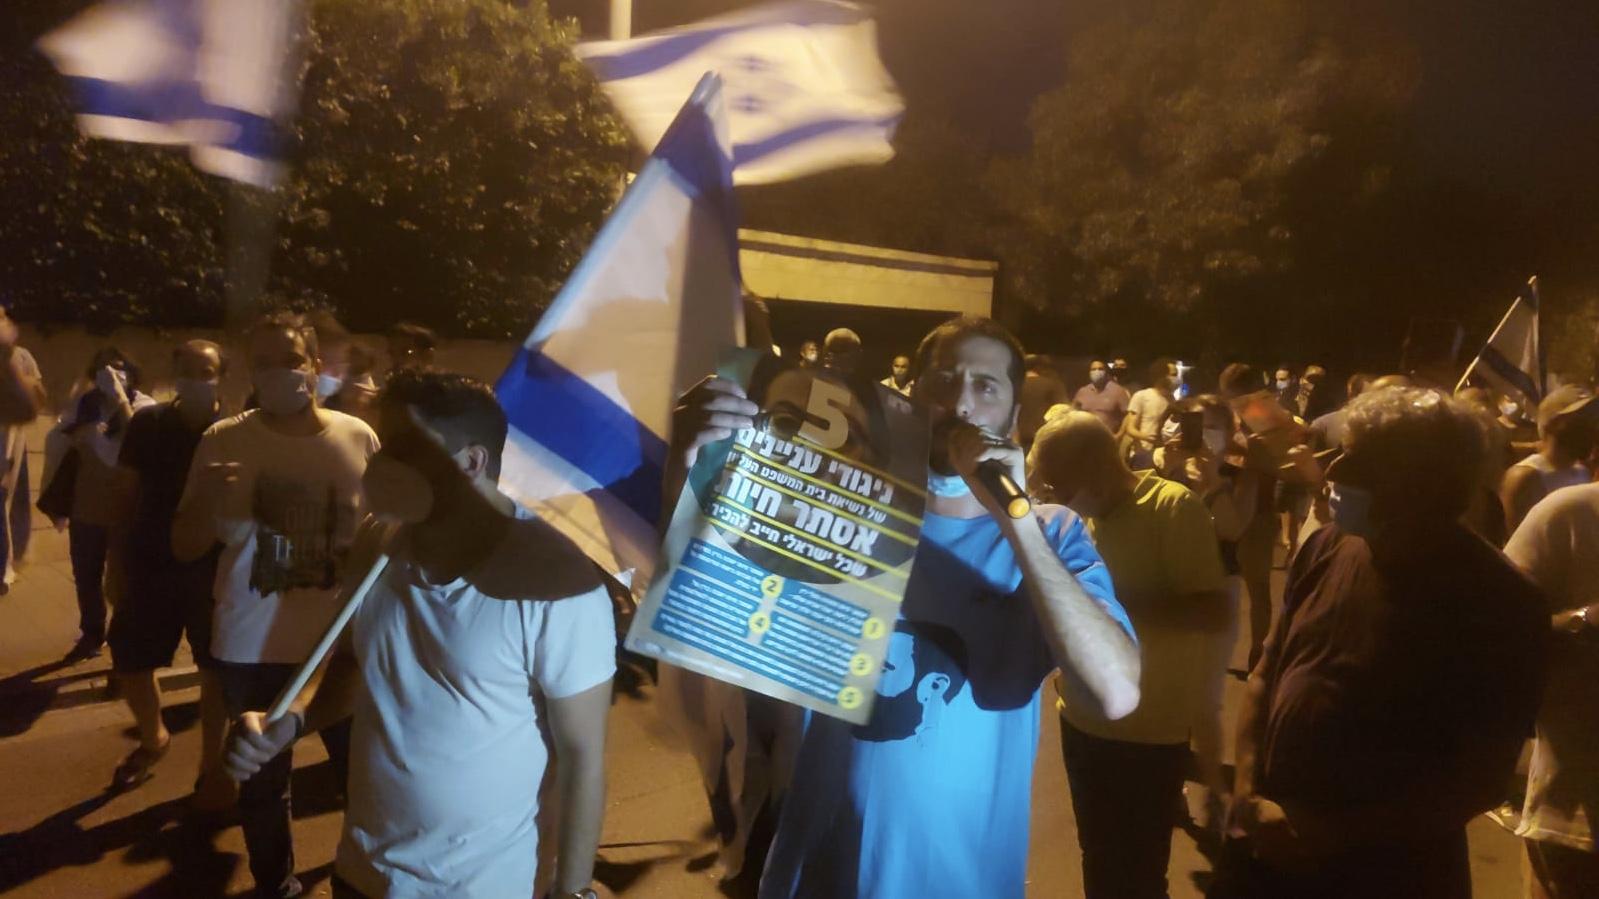 """במוצ""""ש החל מ-22:30: פעילי ימין יערכו מפגן מחאה מול בית נשיאת בית המשפט העליון בתל אביב"""